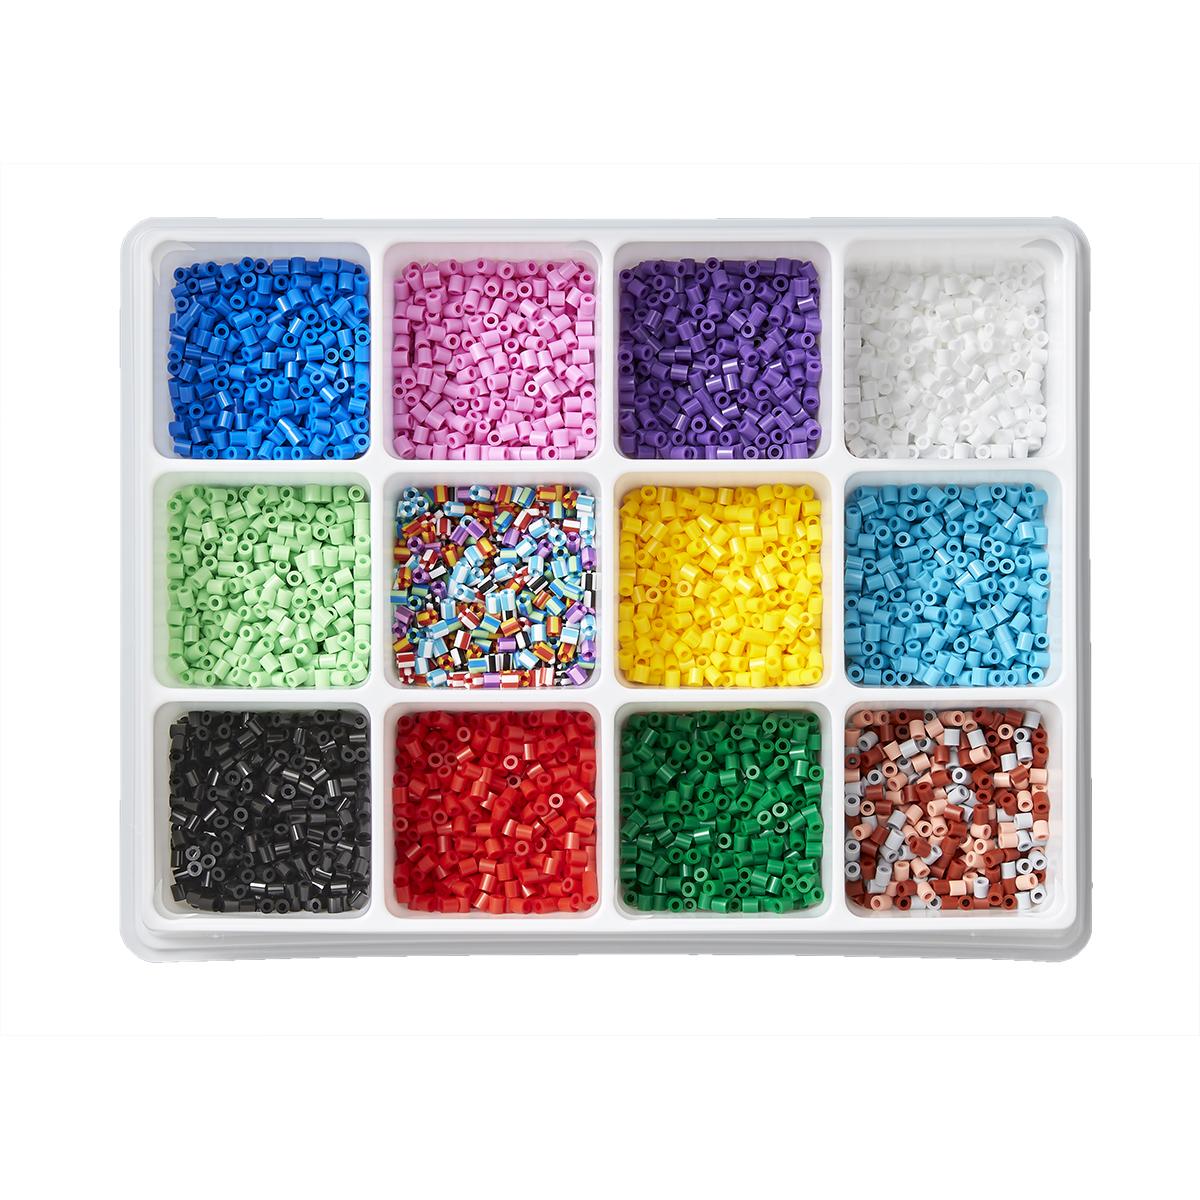 【再入荷時期未定】ハマビーズ 色分けできる!12色の基本ビーズボックス